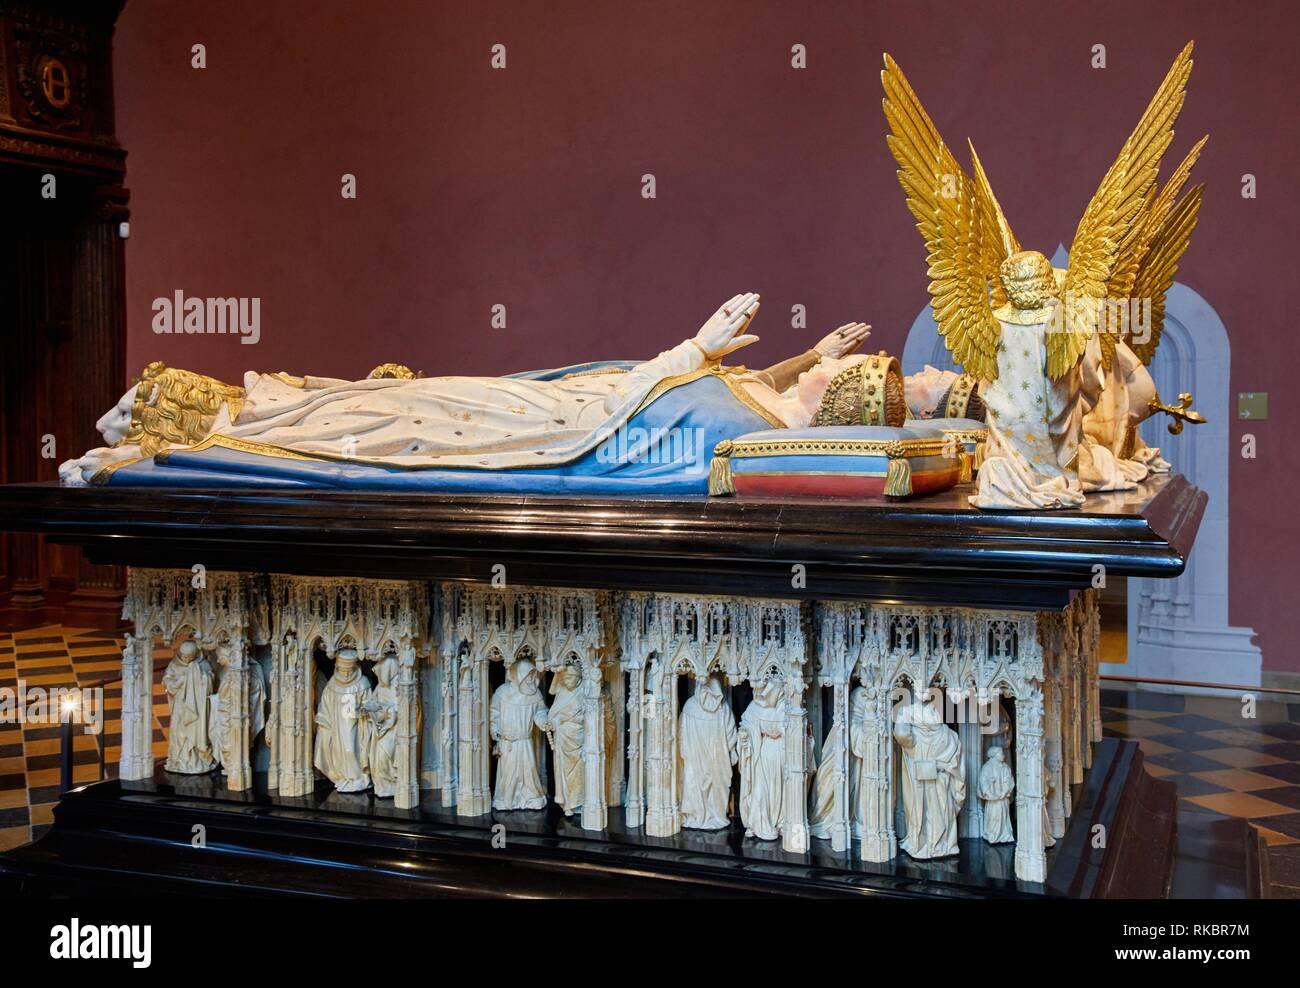 Salle des gardes, Tombs of the Ducs de Bourgogne, Fine Arts Museum, Musée des Beaux-Arts, Dijon, Côte d´Or, Burgundy Region, Bourgogne, France, Europe Stock Photo